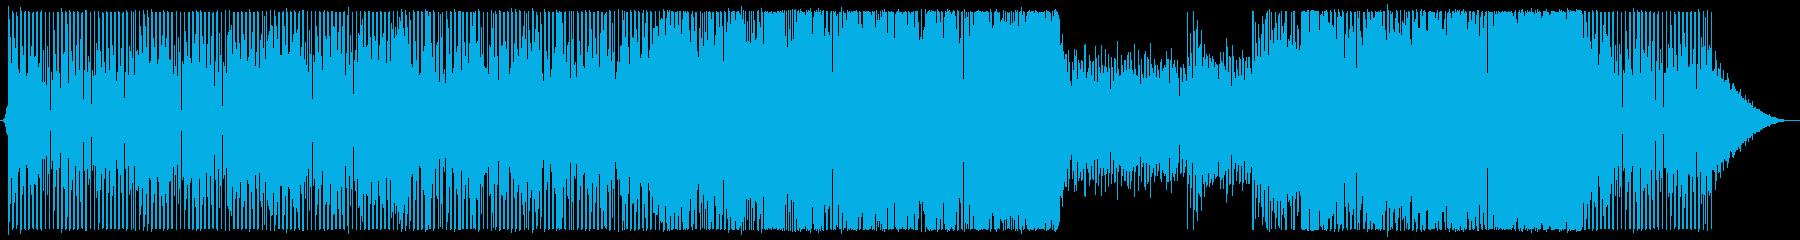 対戦BGM等/疾走感ある未来的エレクトロの再生済みの波形